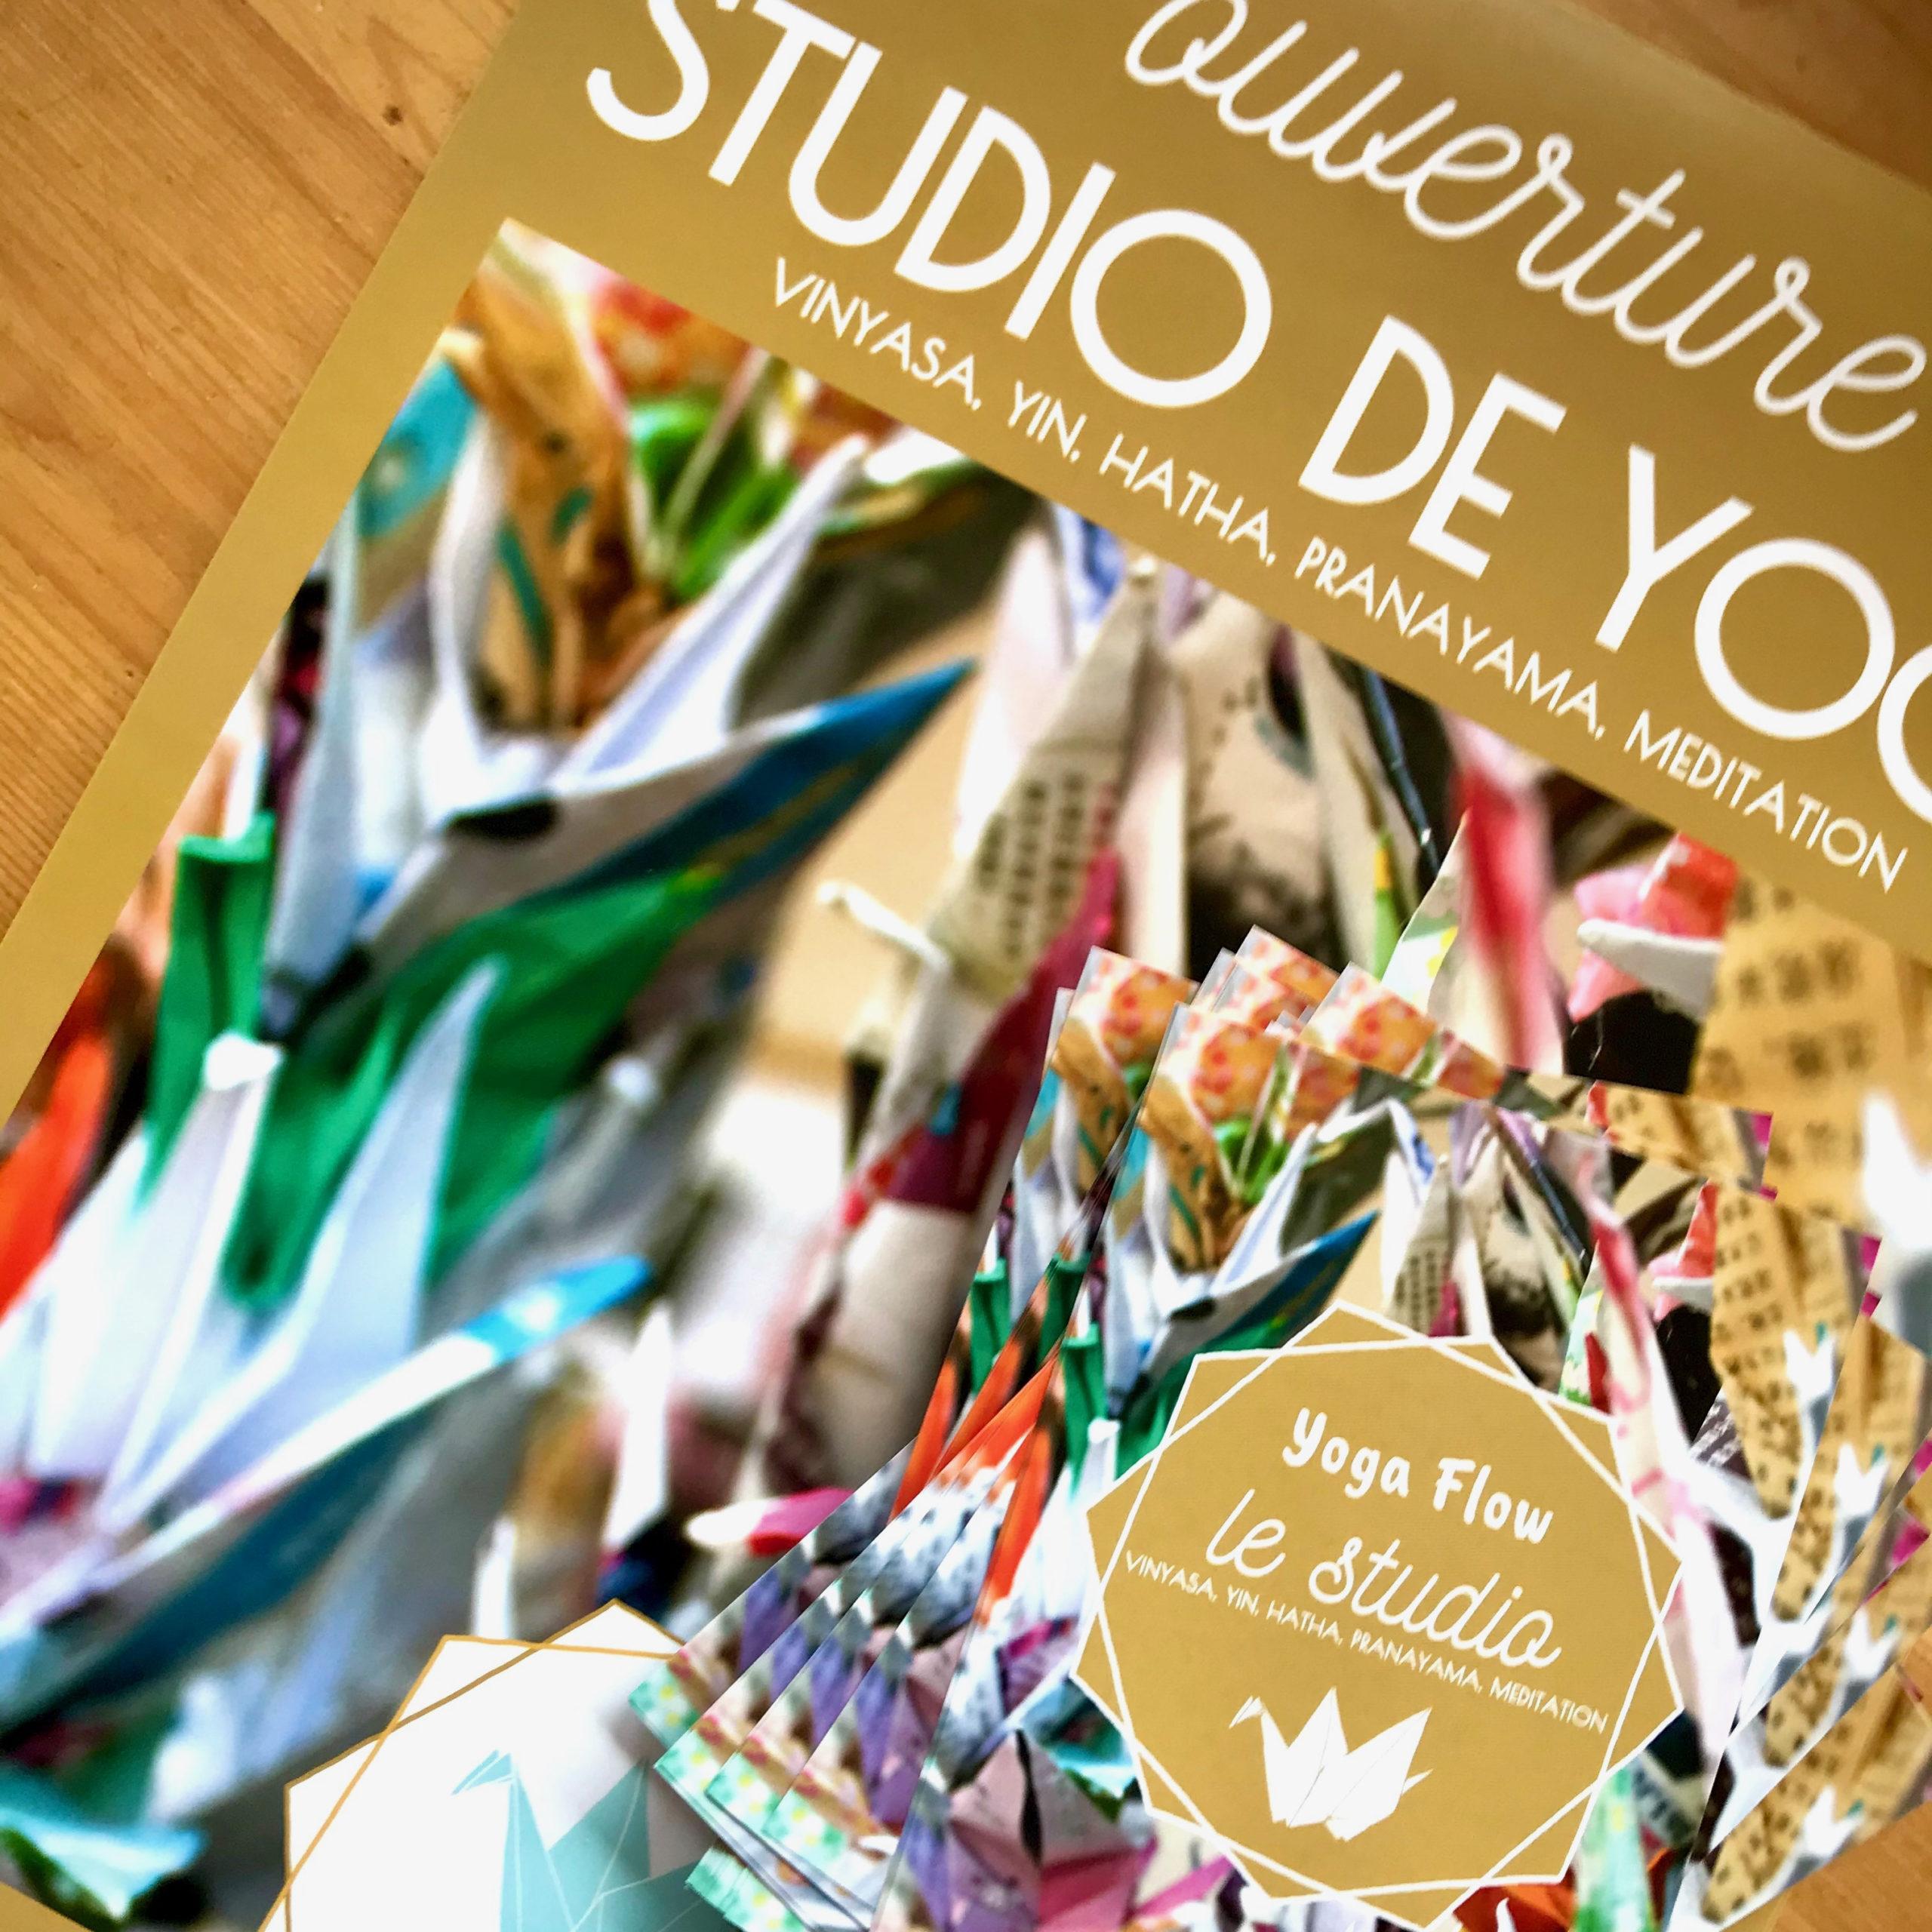 Détail des affiches et foyers pour annoncer l'ouverture du studio Yoga Flow